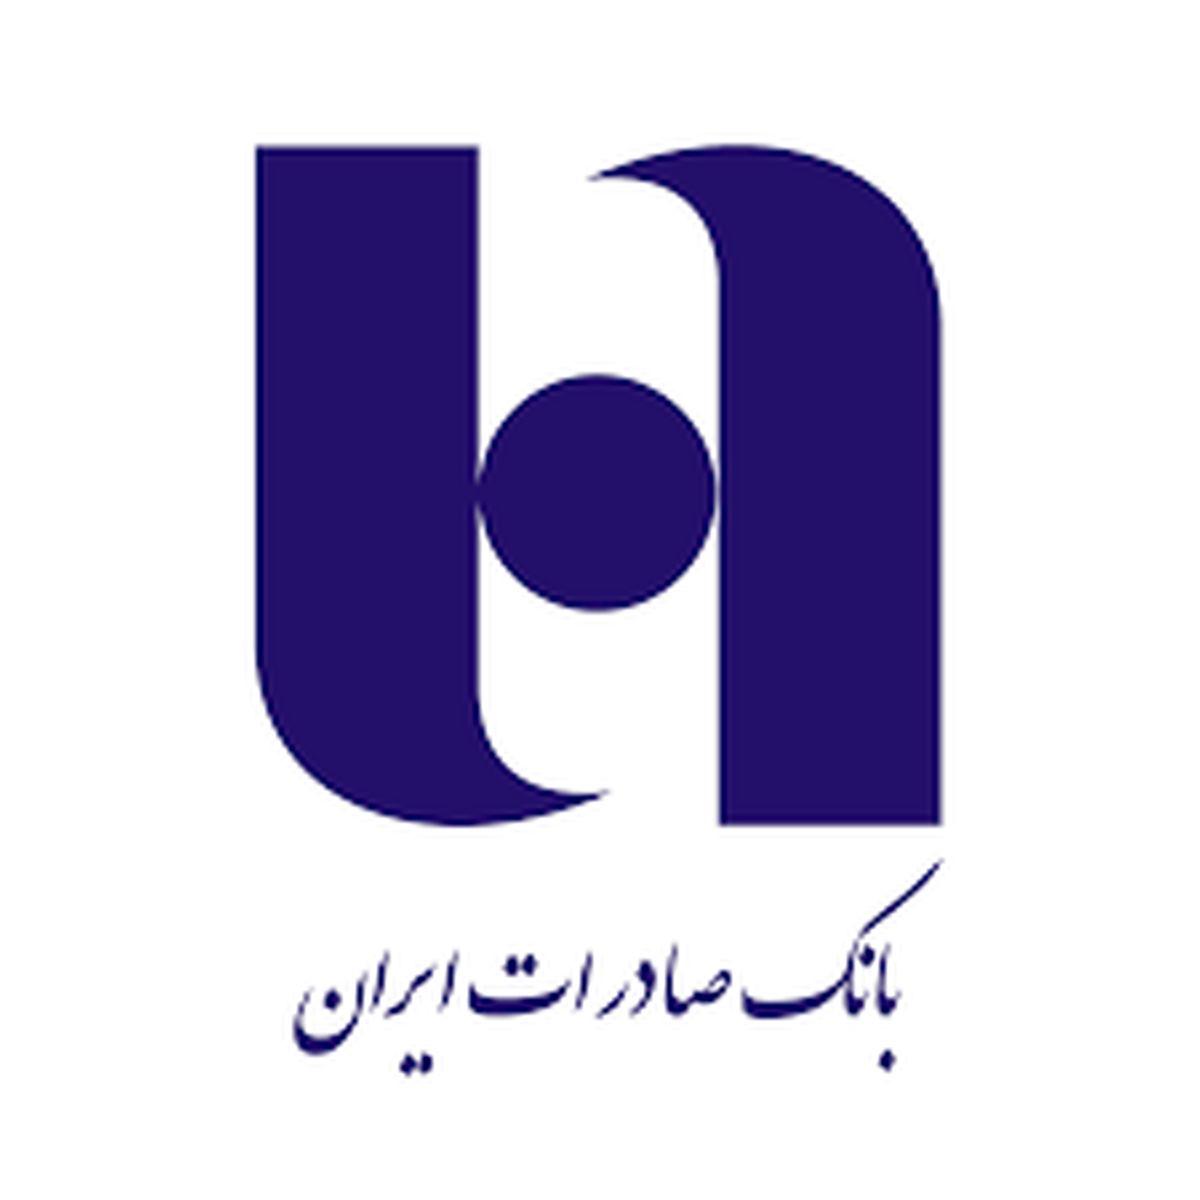 شروع احراز هویت الکترونیک در کارگزاری بانک صادرات ایران